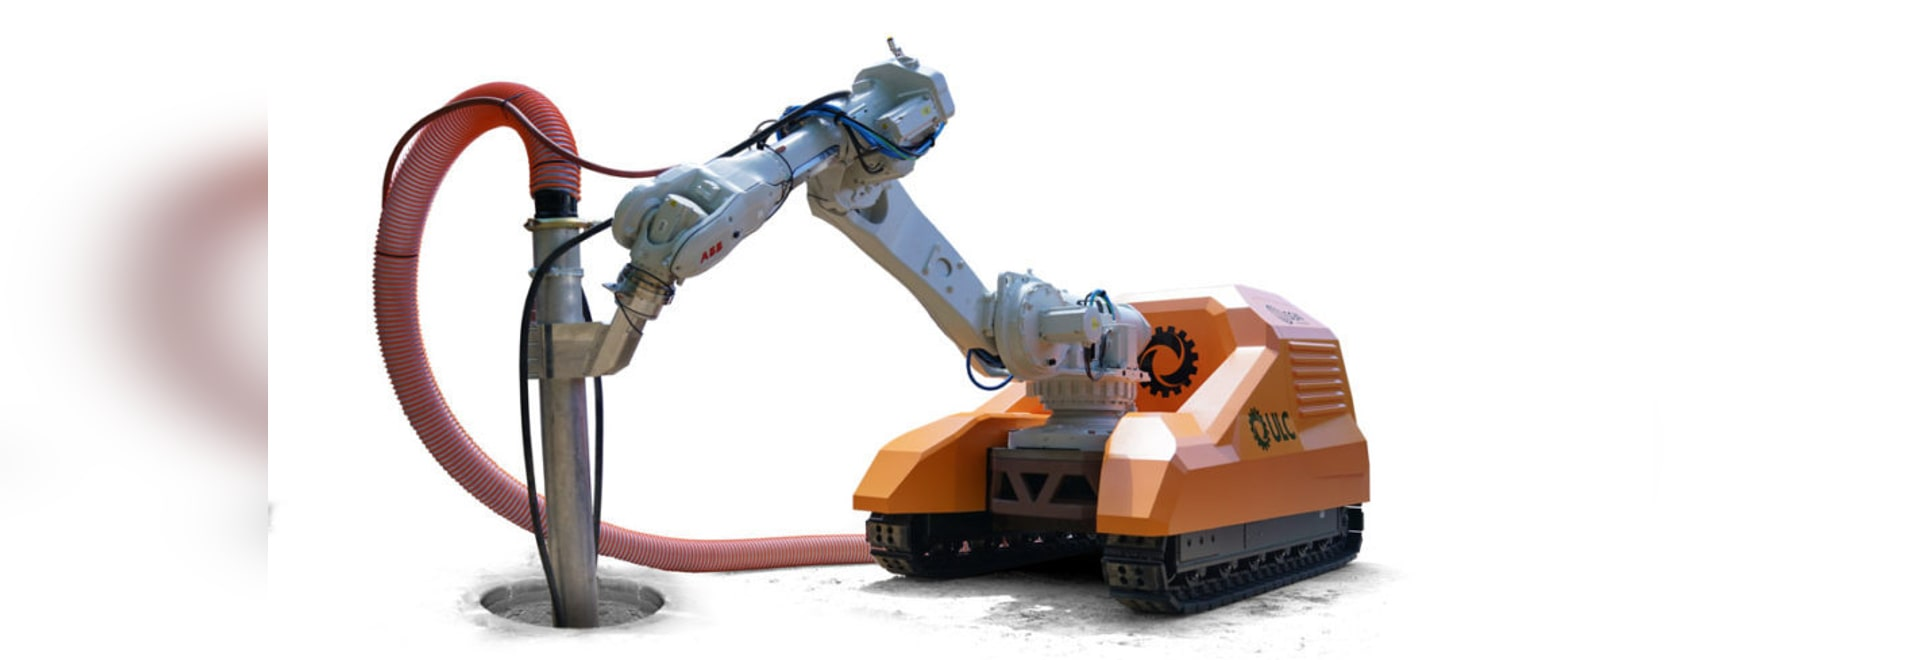 ULC Robotics et SGN vont développer un robot d'excavation entièrement électrique